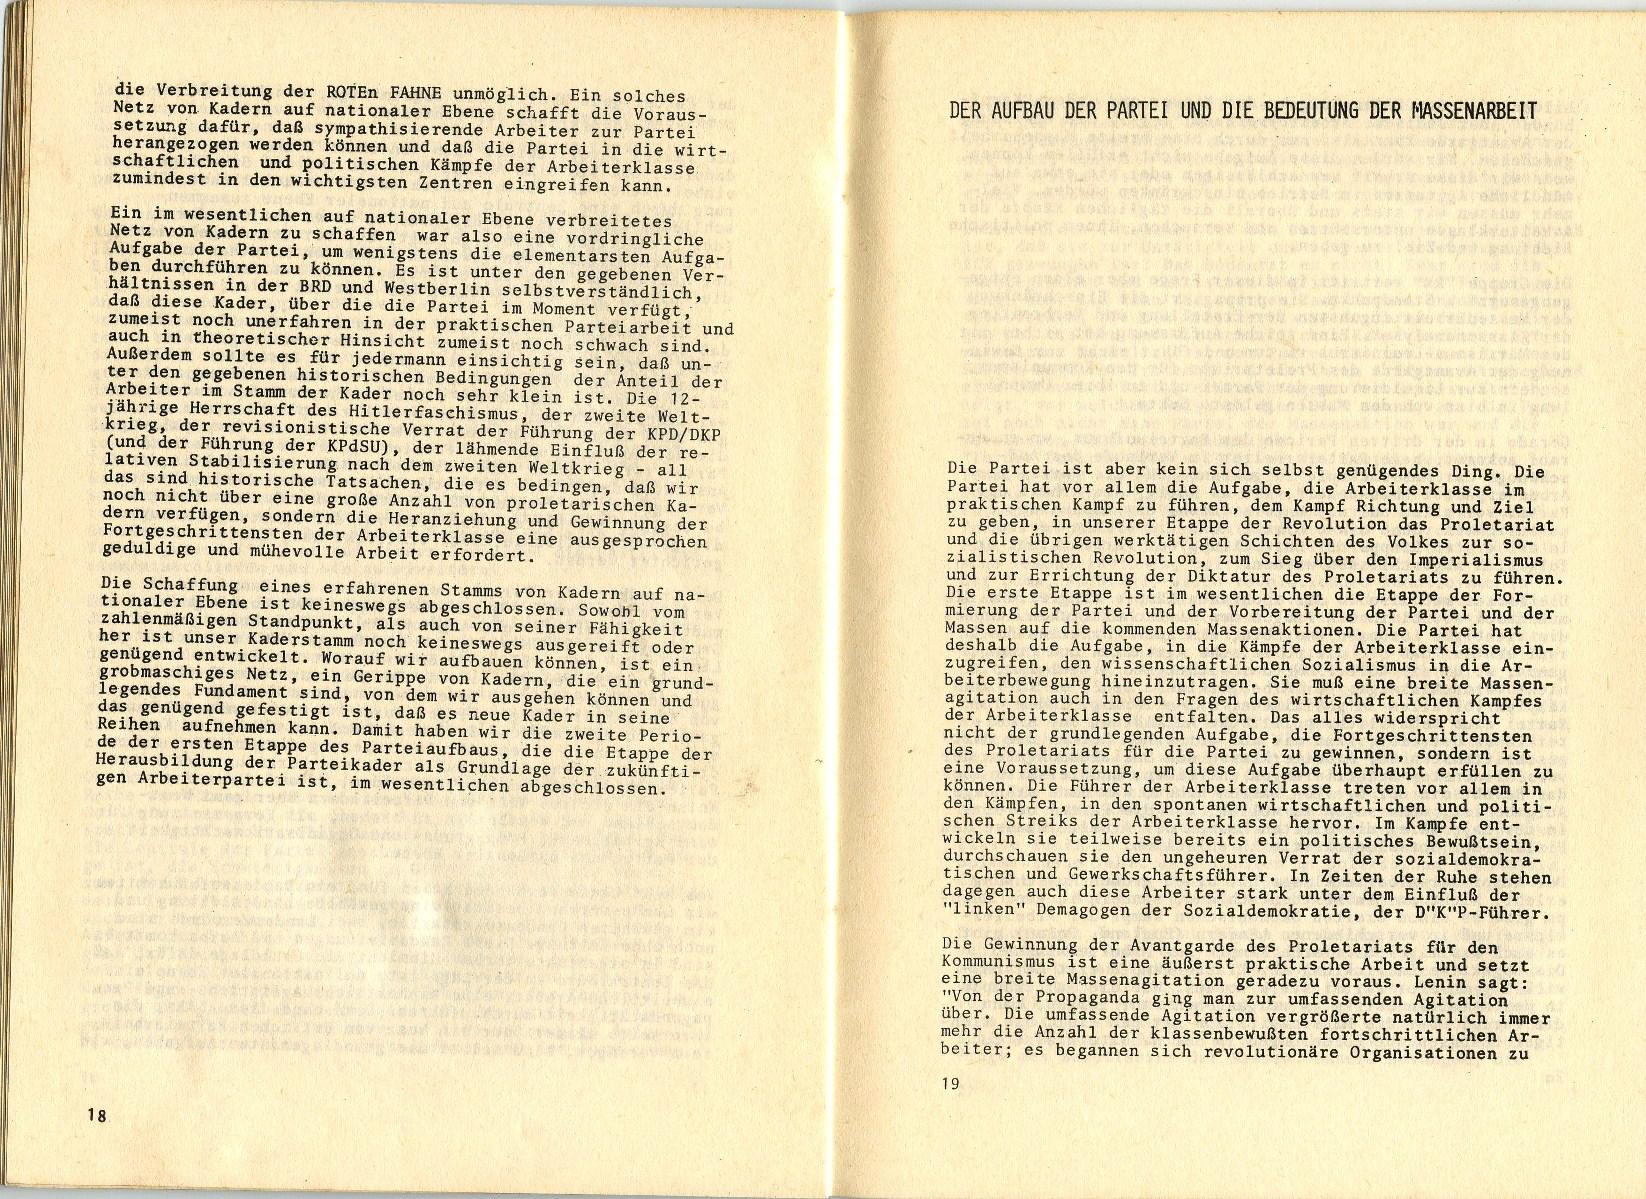 ZB_Etappen_Parteiaufbau_1971_16